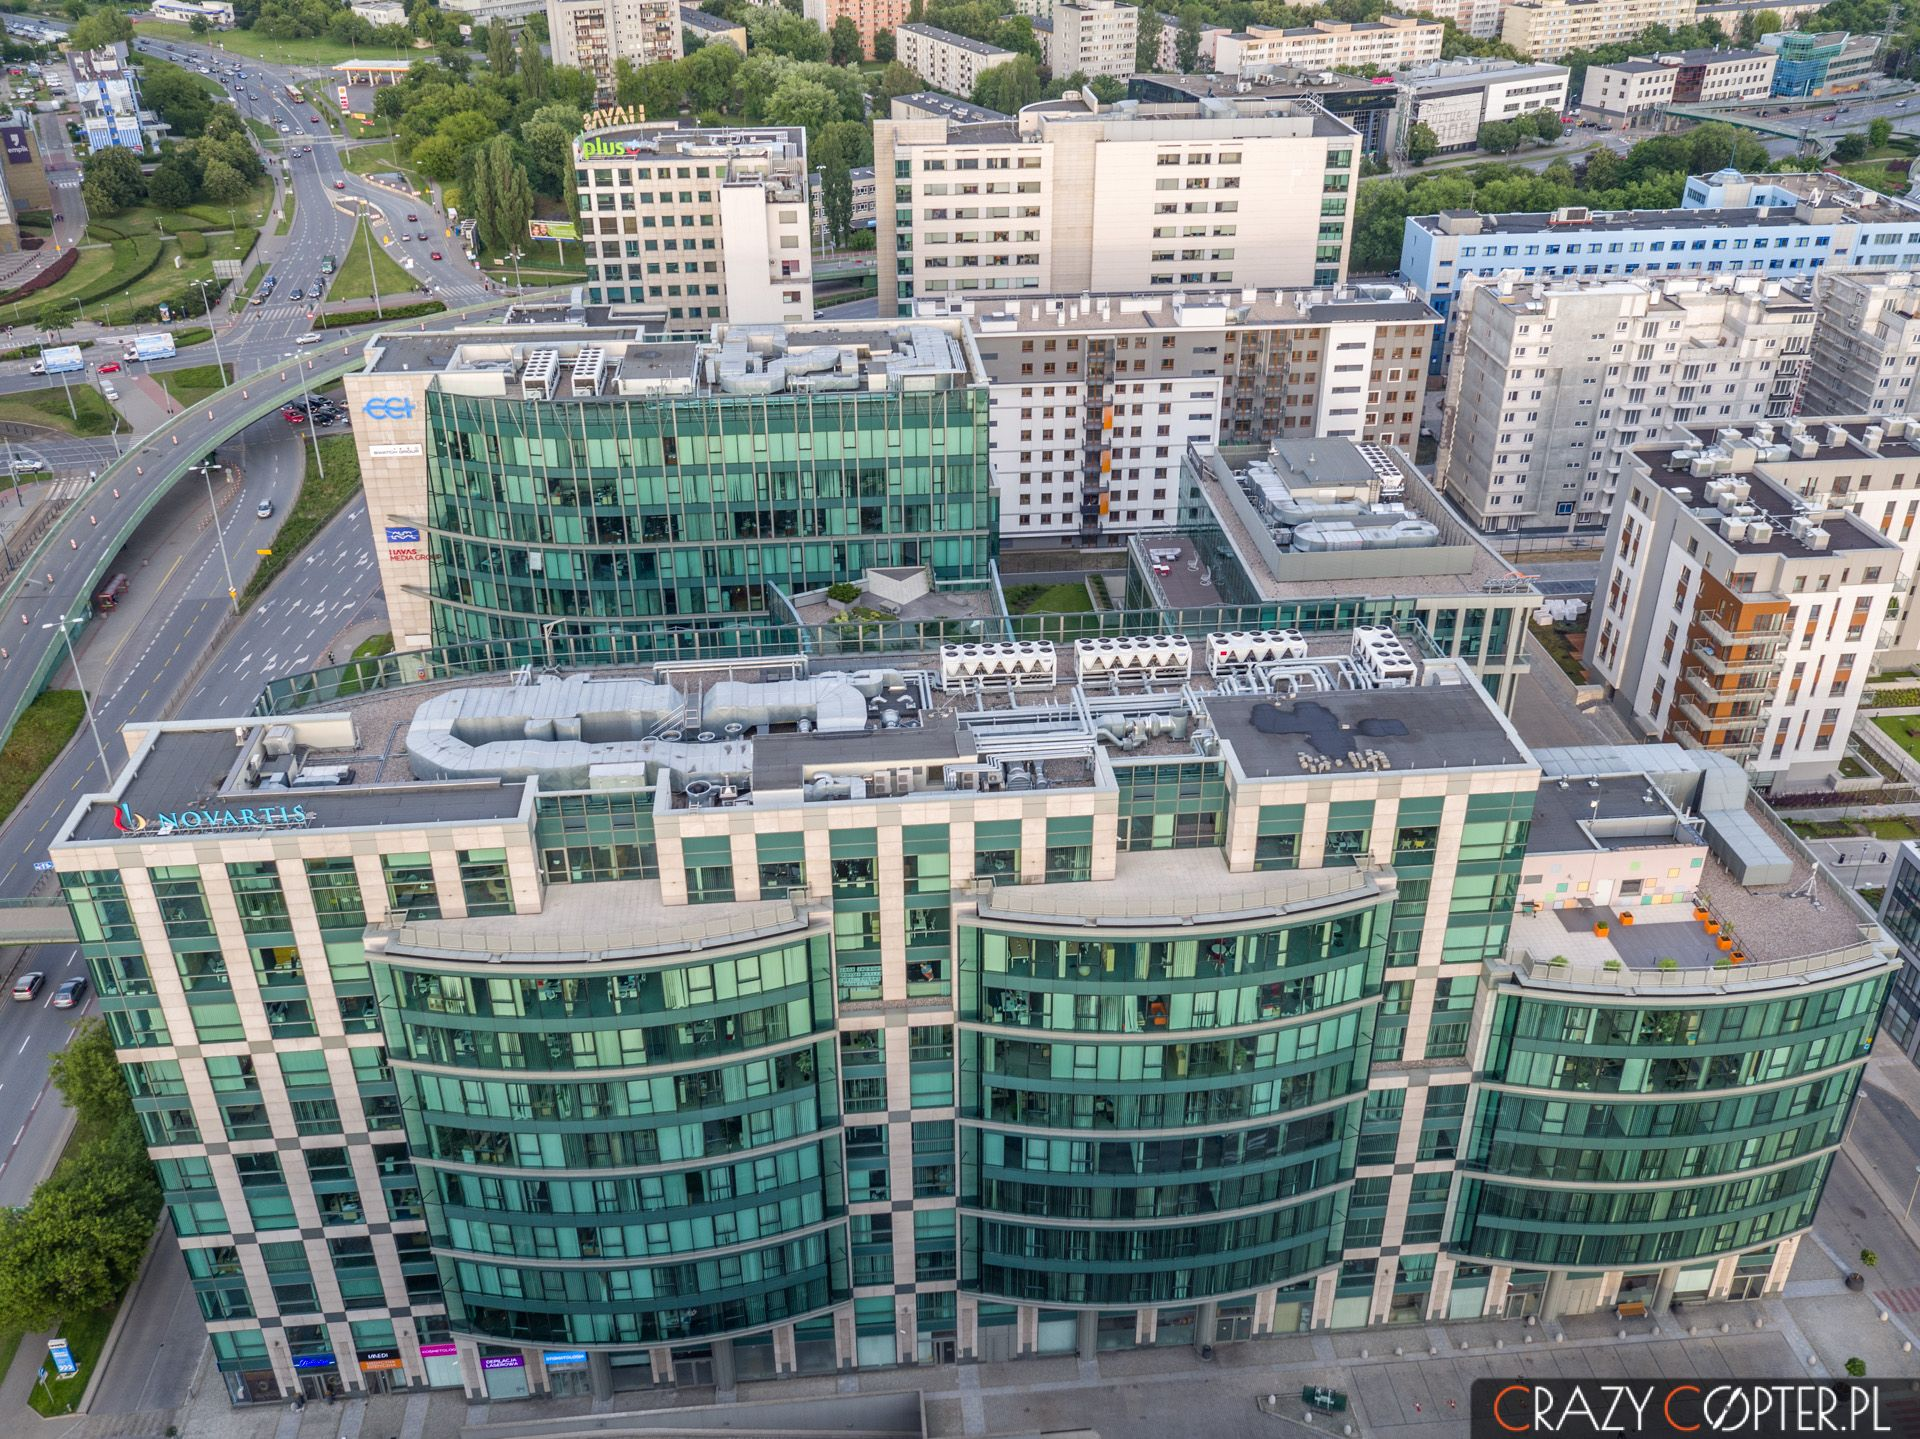 Budynek New City naMokotowie wWarszawie - zdjęcie zdrona.